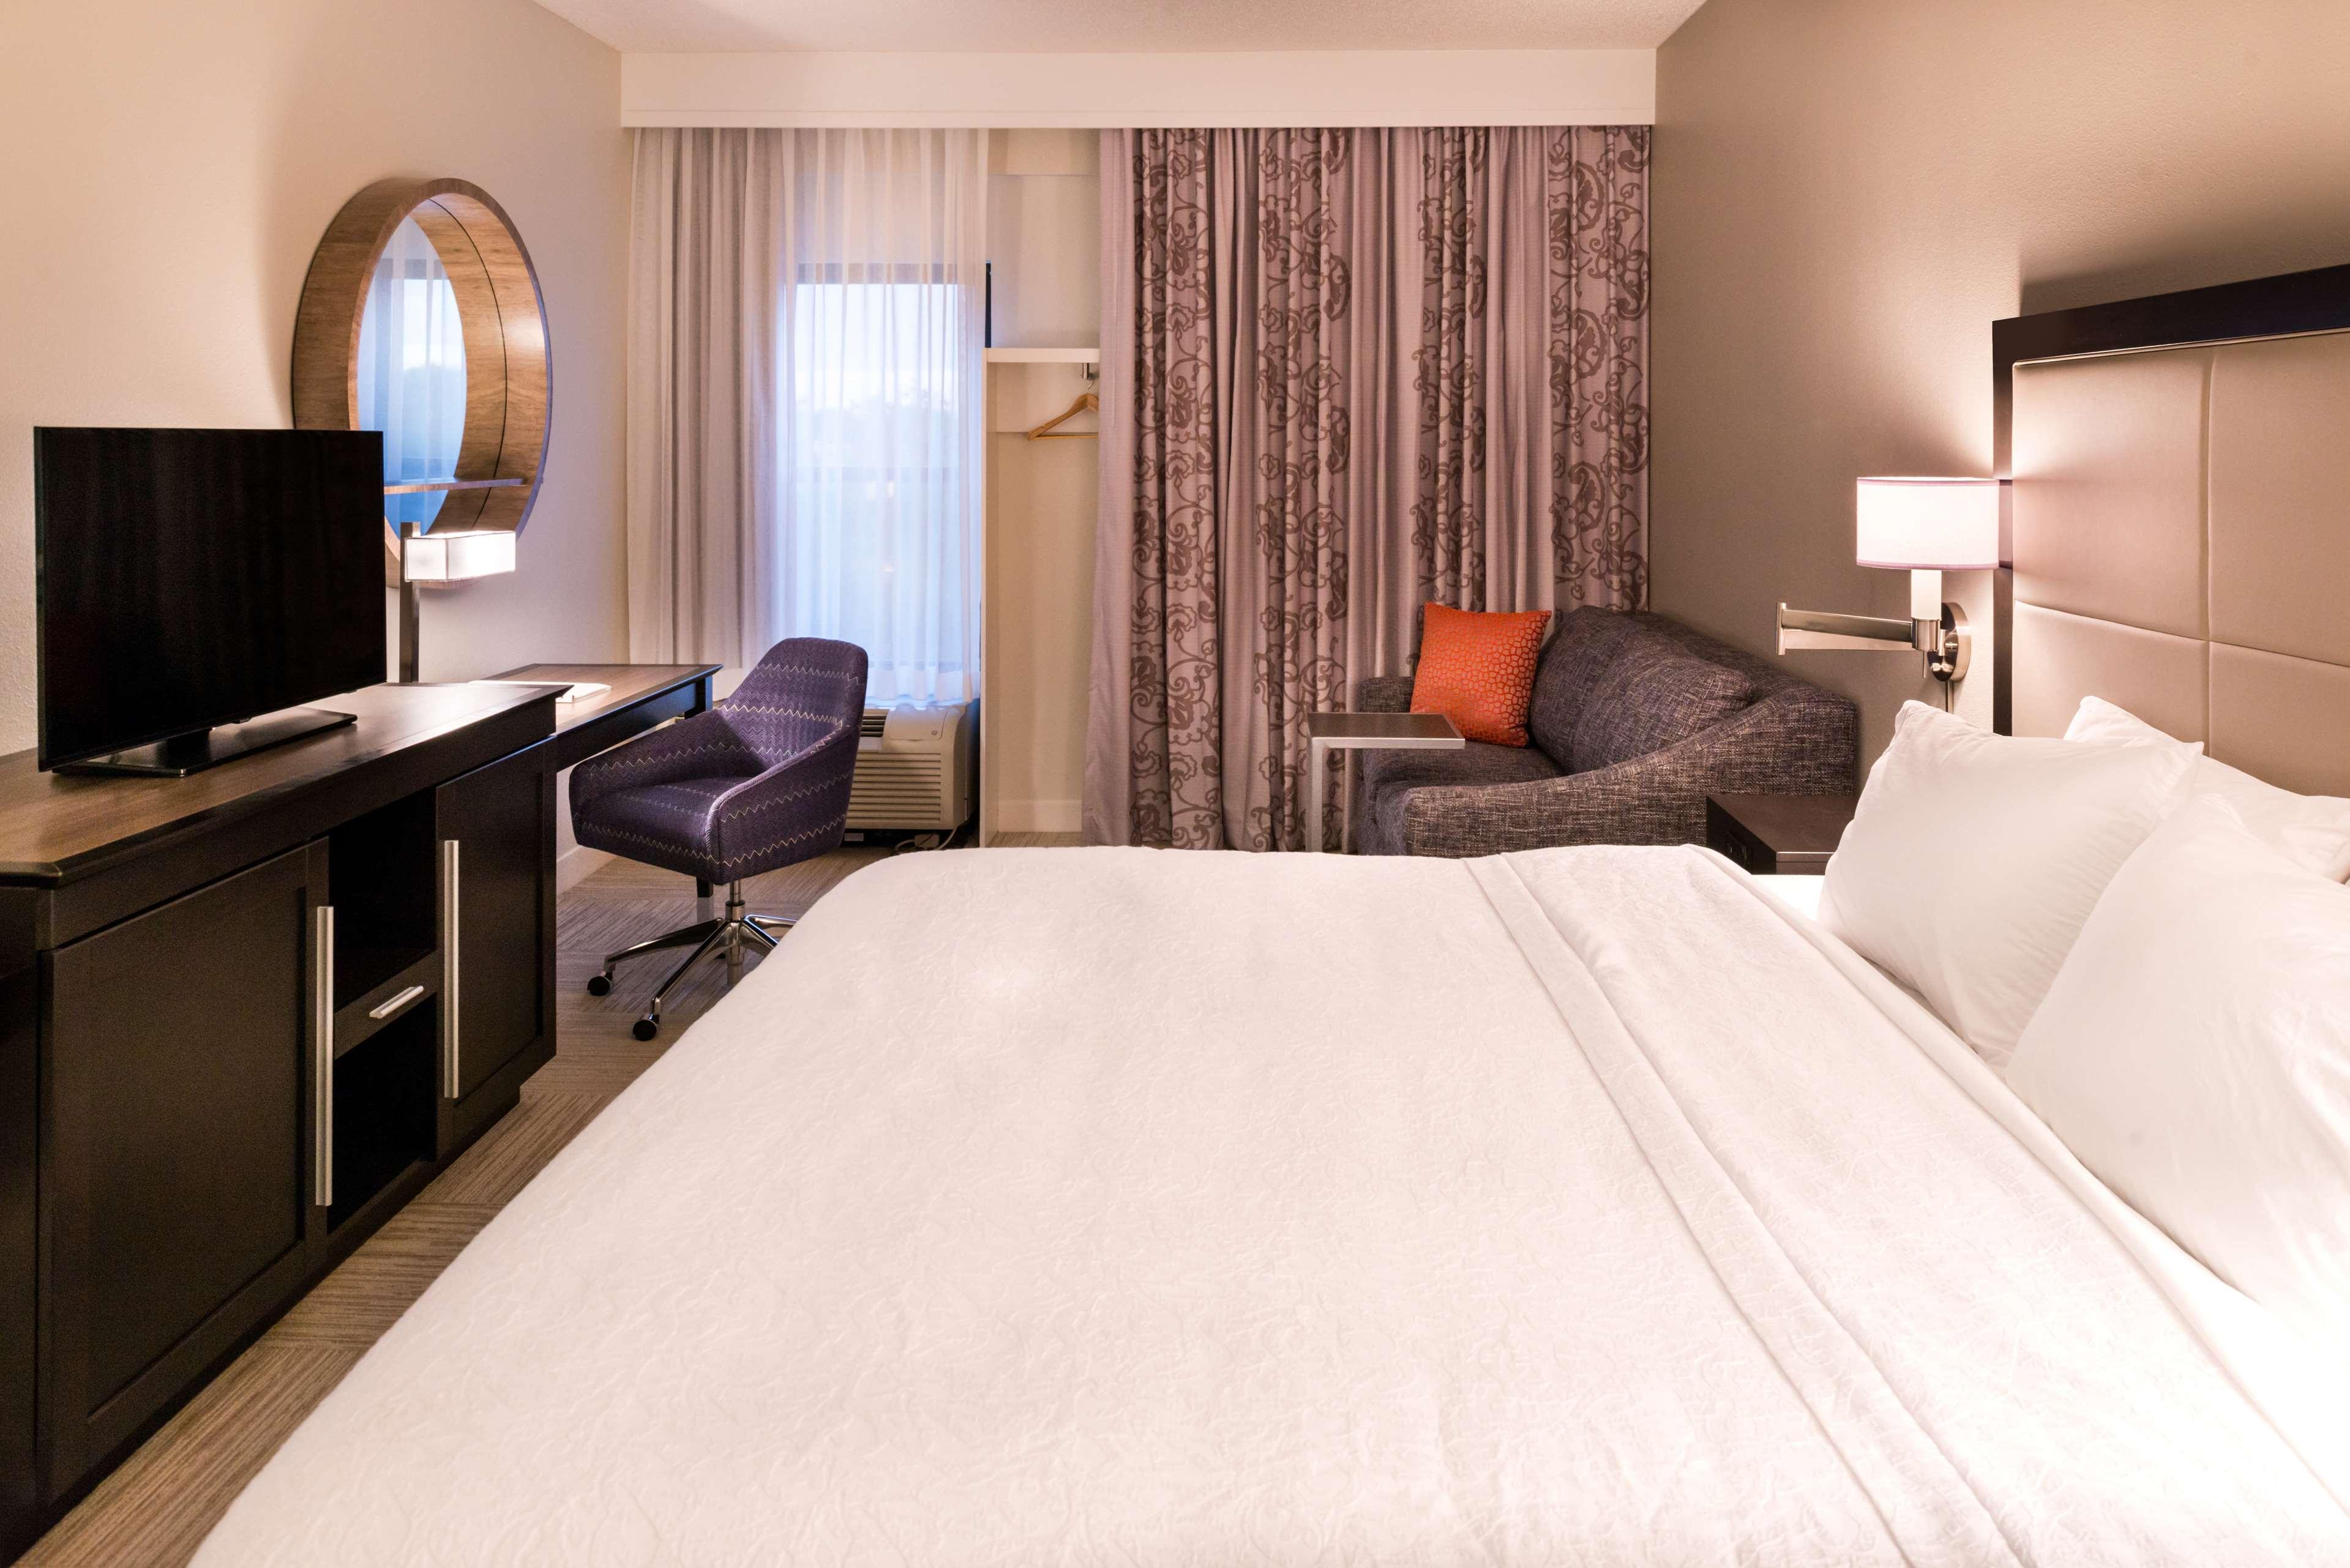 Hampton Inn & Suites Orlando/East UCF Area image 22